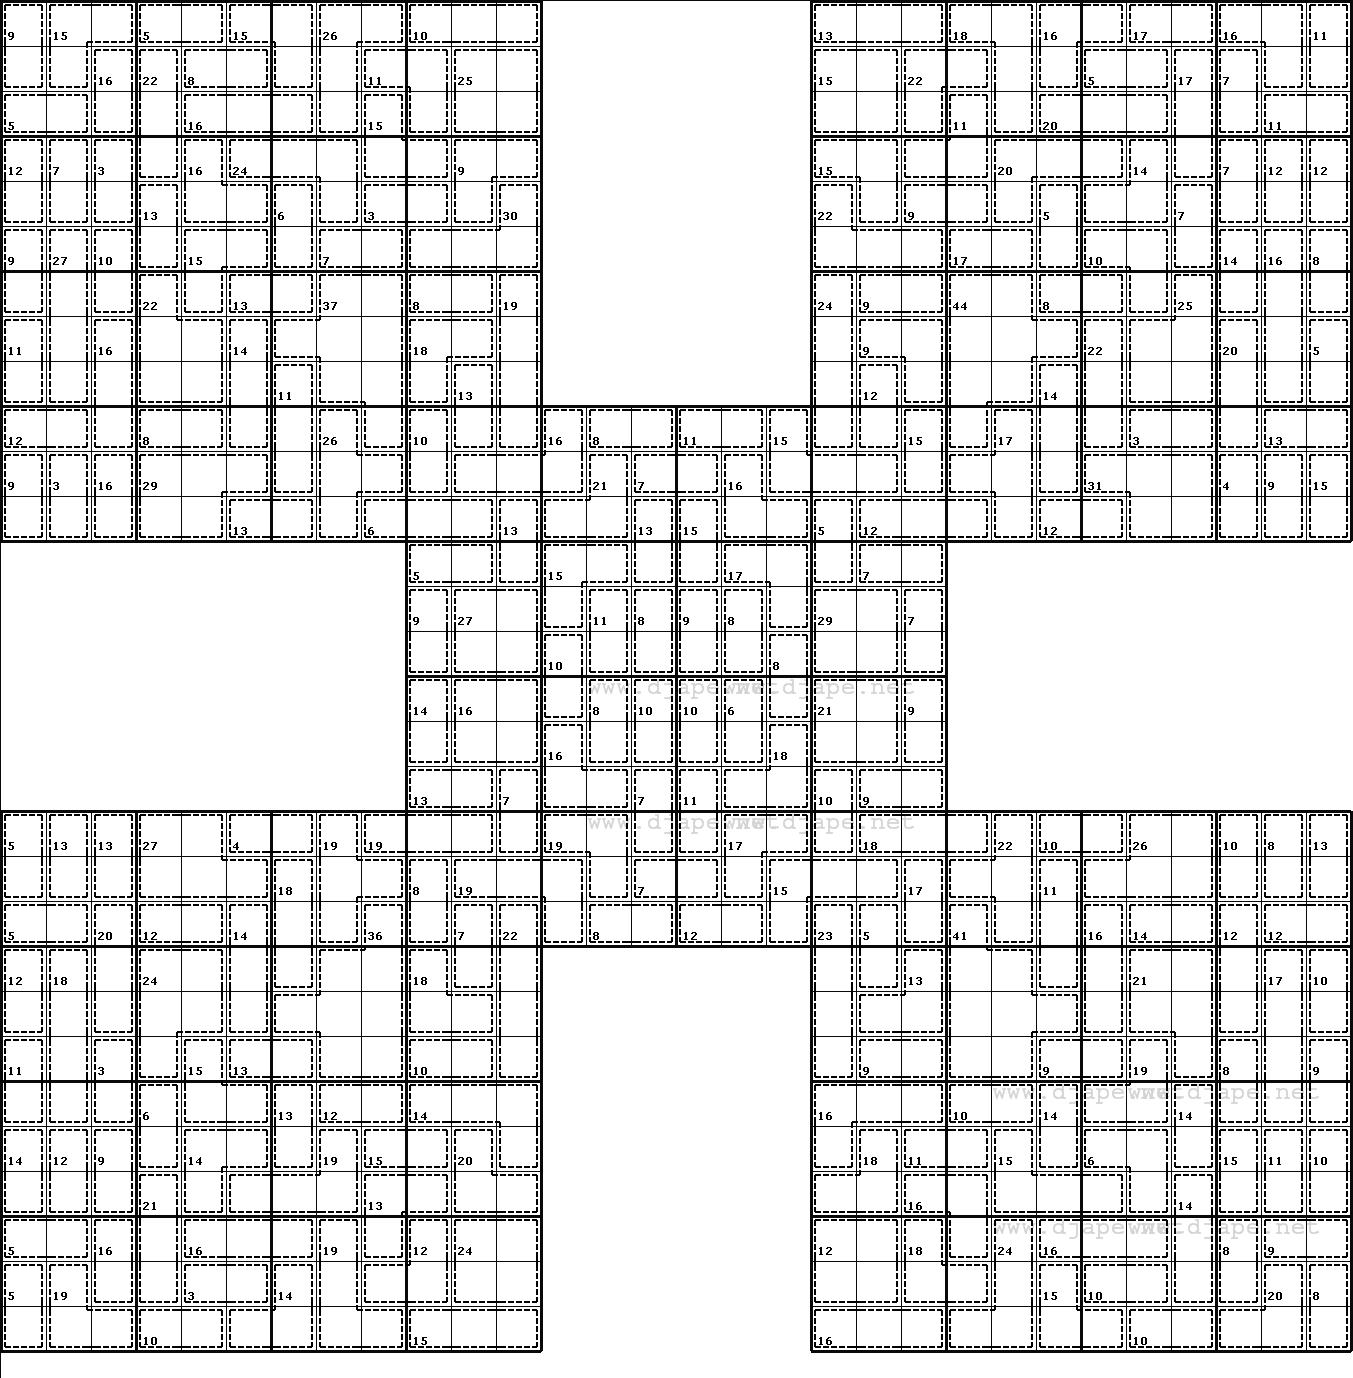 Killer Sudoku Online. ⚡ Play Lovatts Online Killer Sudoku